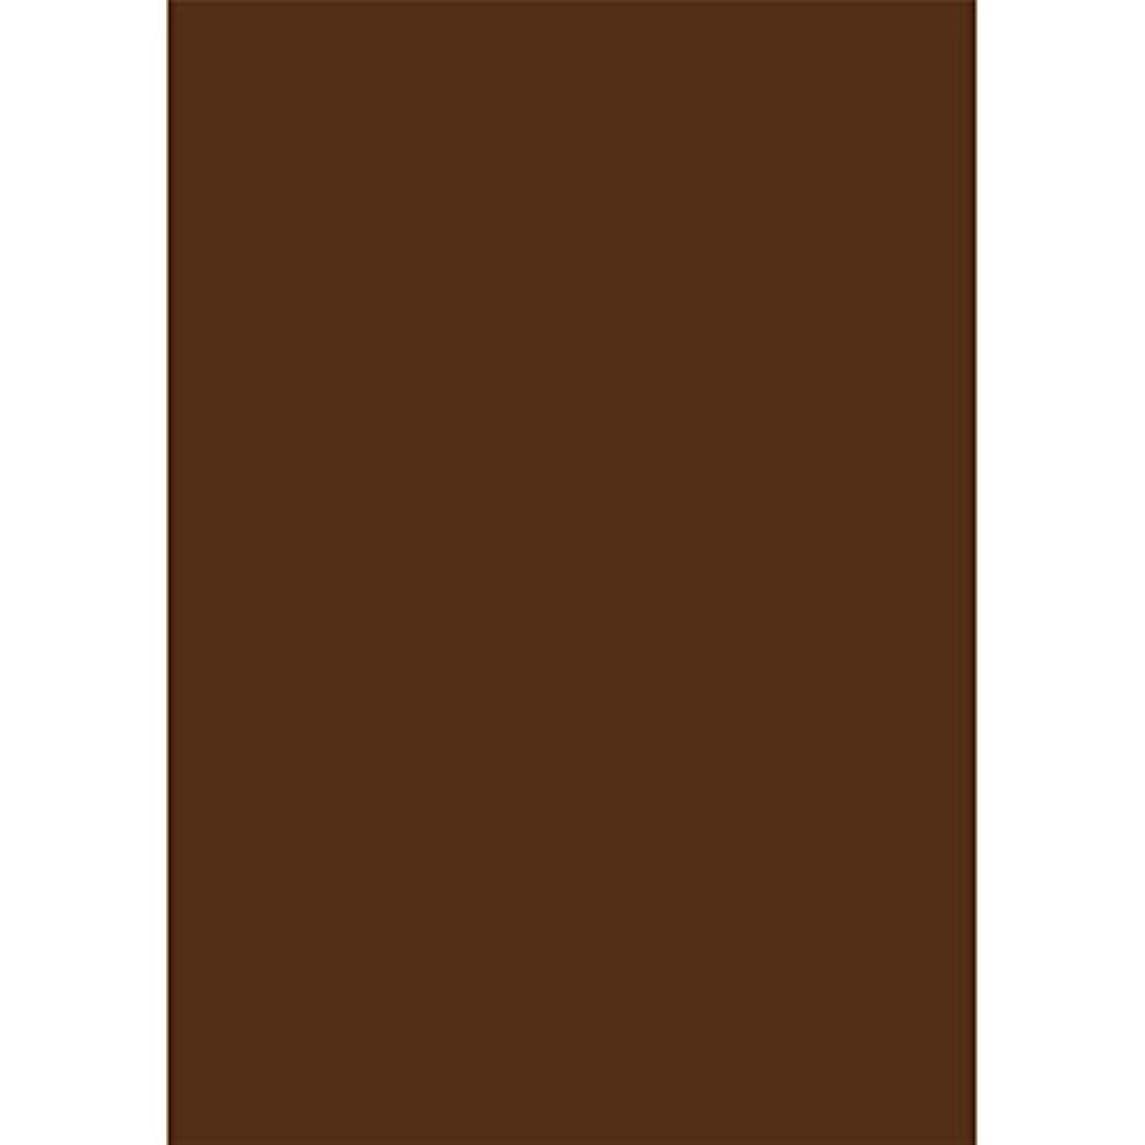 Pergamano Parchment Paper, 5 Sheets, Vellum Cocoa